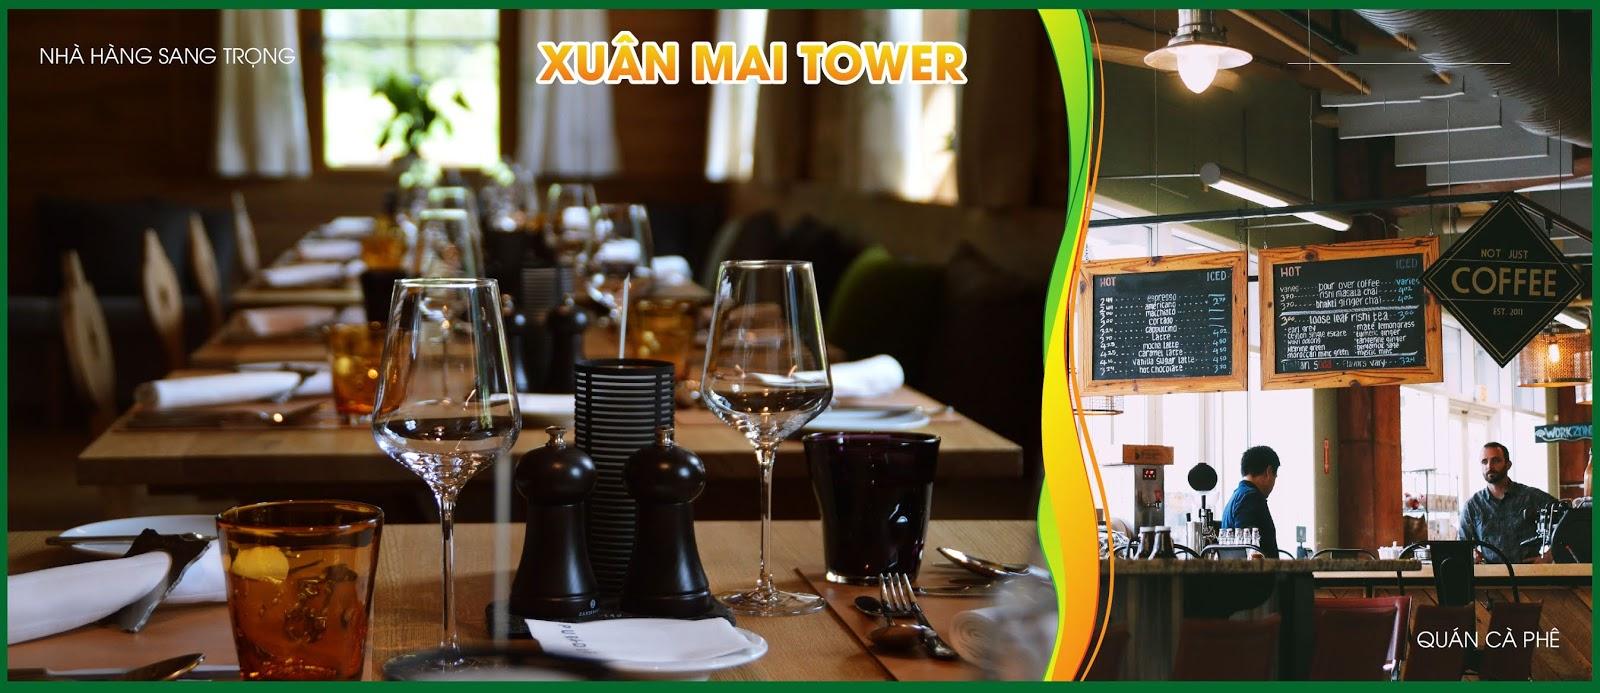 Nhà hàng sang trọng của Xuân Mai Tower Thanh Hoá